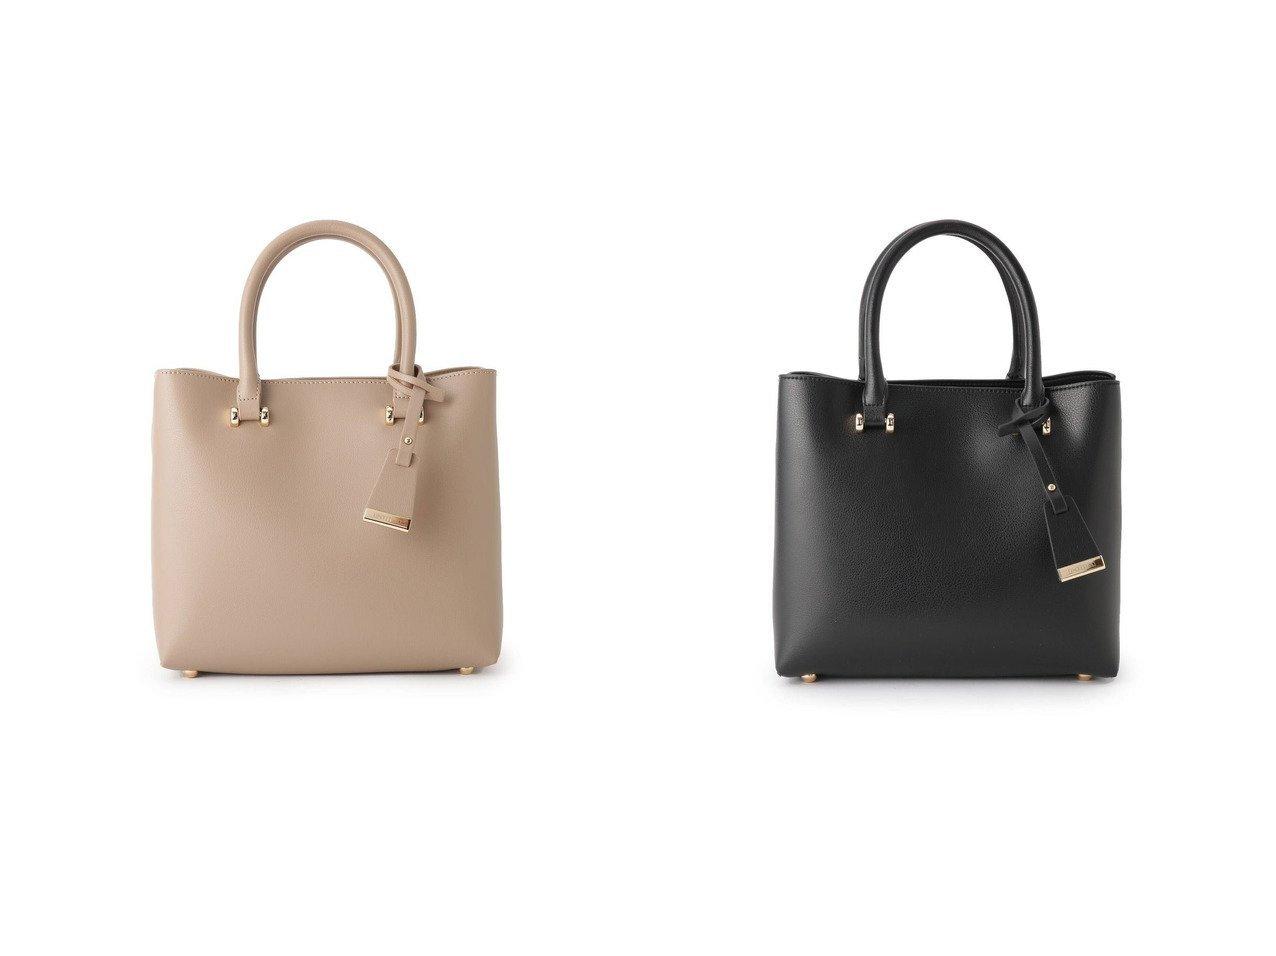 【UNTITLED/アンタイトル】のスクエアパーテーションバッグ バッグ・鞄のおすすめ!人気、トレンド・レディースファッションの通販 おすすめで人気の流行・トレンド、ファッションの通販商品 メンズファッション・キッズファッション・インテリア・家具・レディースファッション・服の通販 founy(ファニー) https://founy.com/ ファッション Fashion レディースファッション WOMEN バッグ Bag 春 Spring ショルダー スクエア チャーム バランス フェイクレザー フォルム ポケット モチーフ ラップ 2021年 2021 S/S 春夏 SS Spring/Summer 2021 春夏 S/S SS Spring/Summer 2021  ID:crp329100000014491